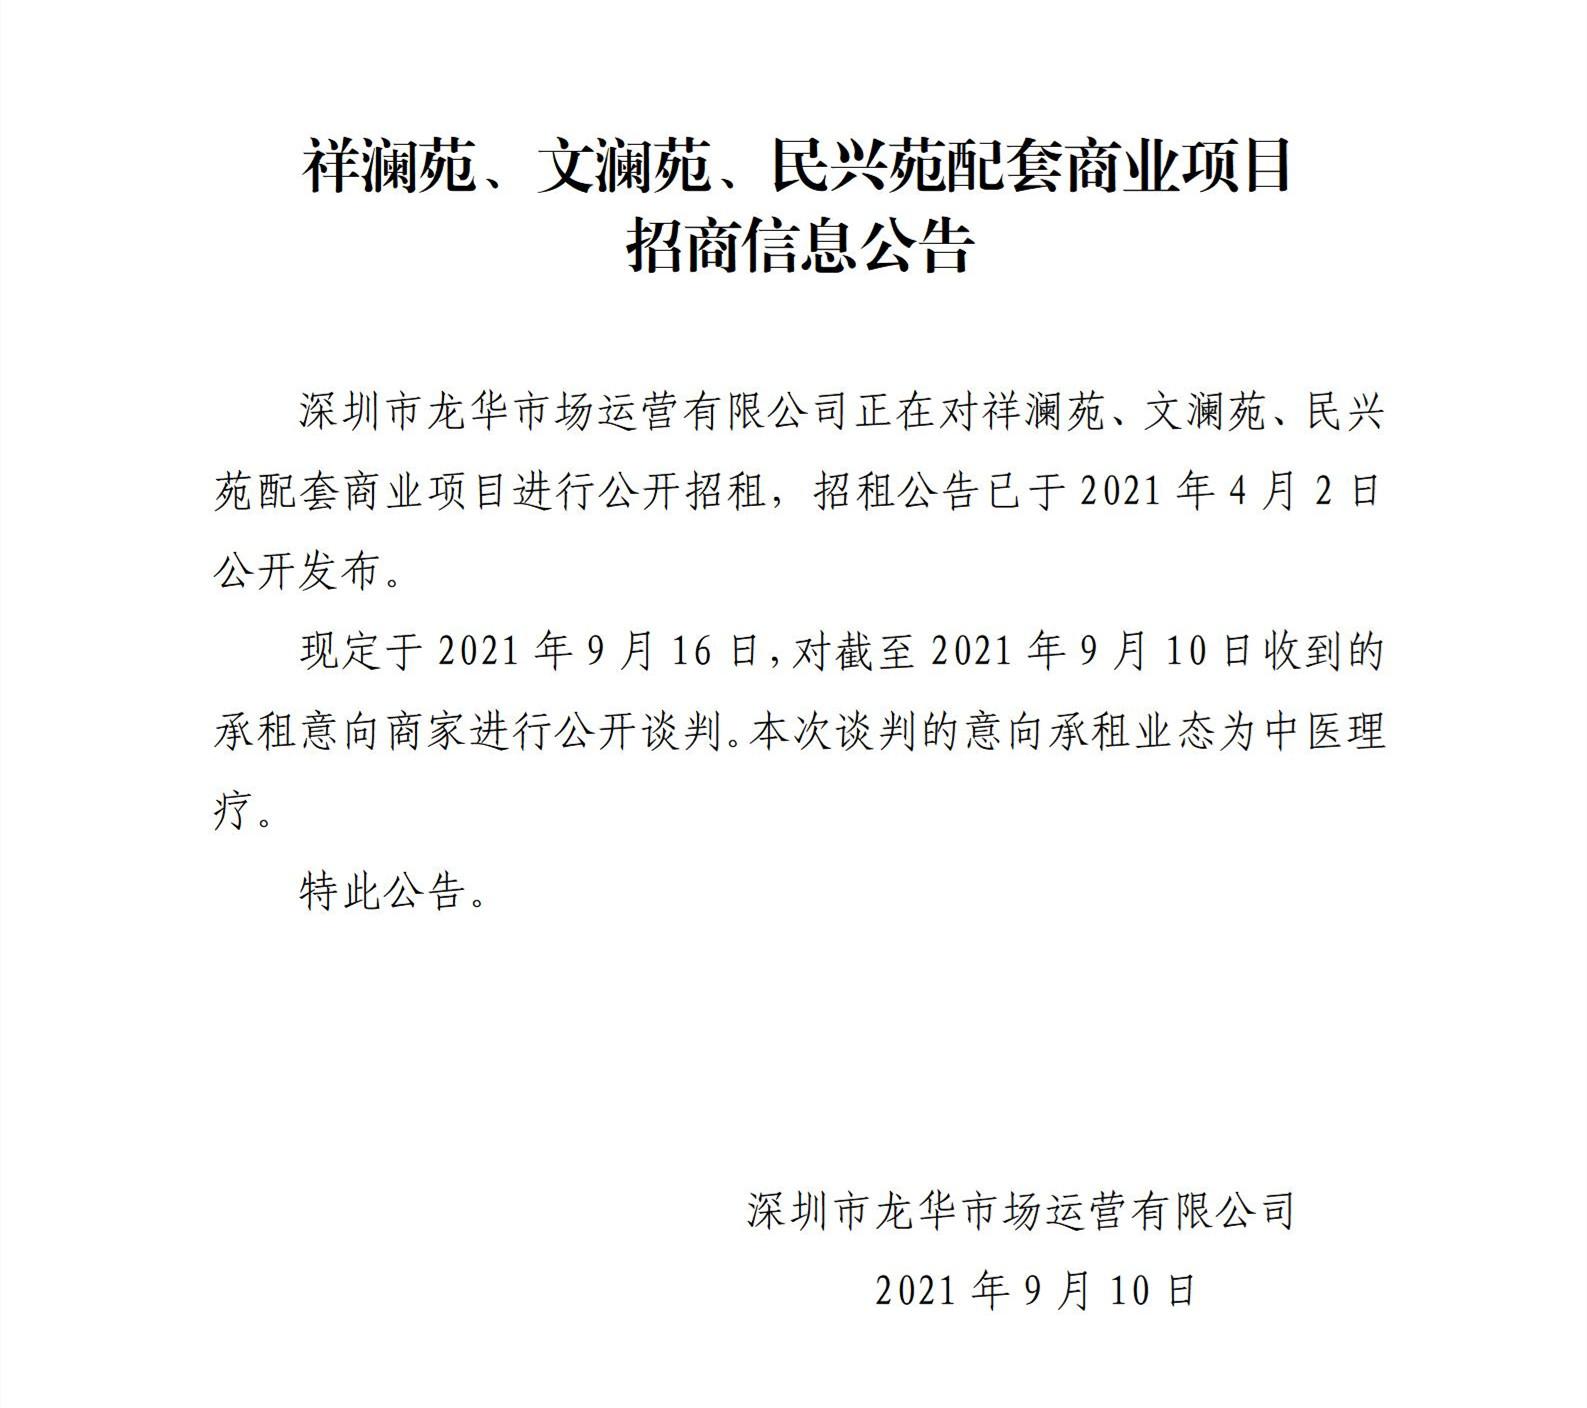 祥澜苑、文澜苑、民兴苑配套商业项目 招商信息公告